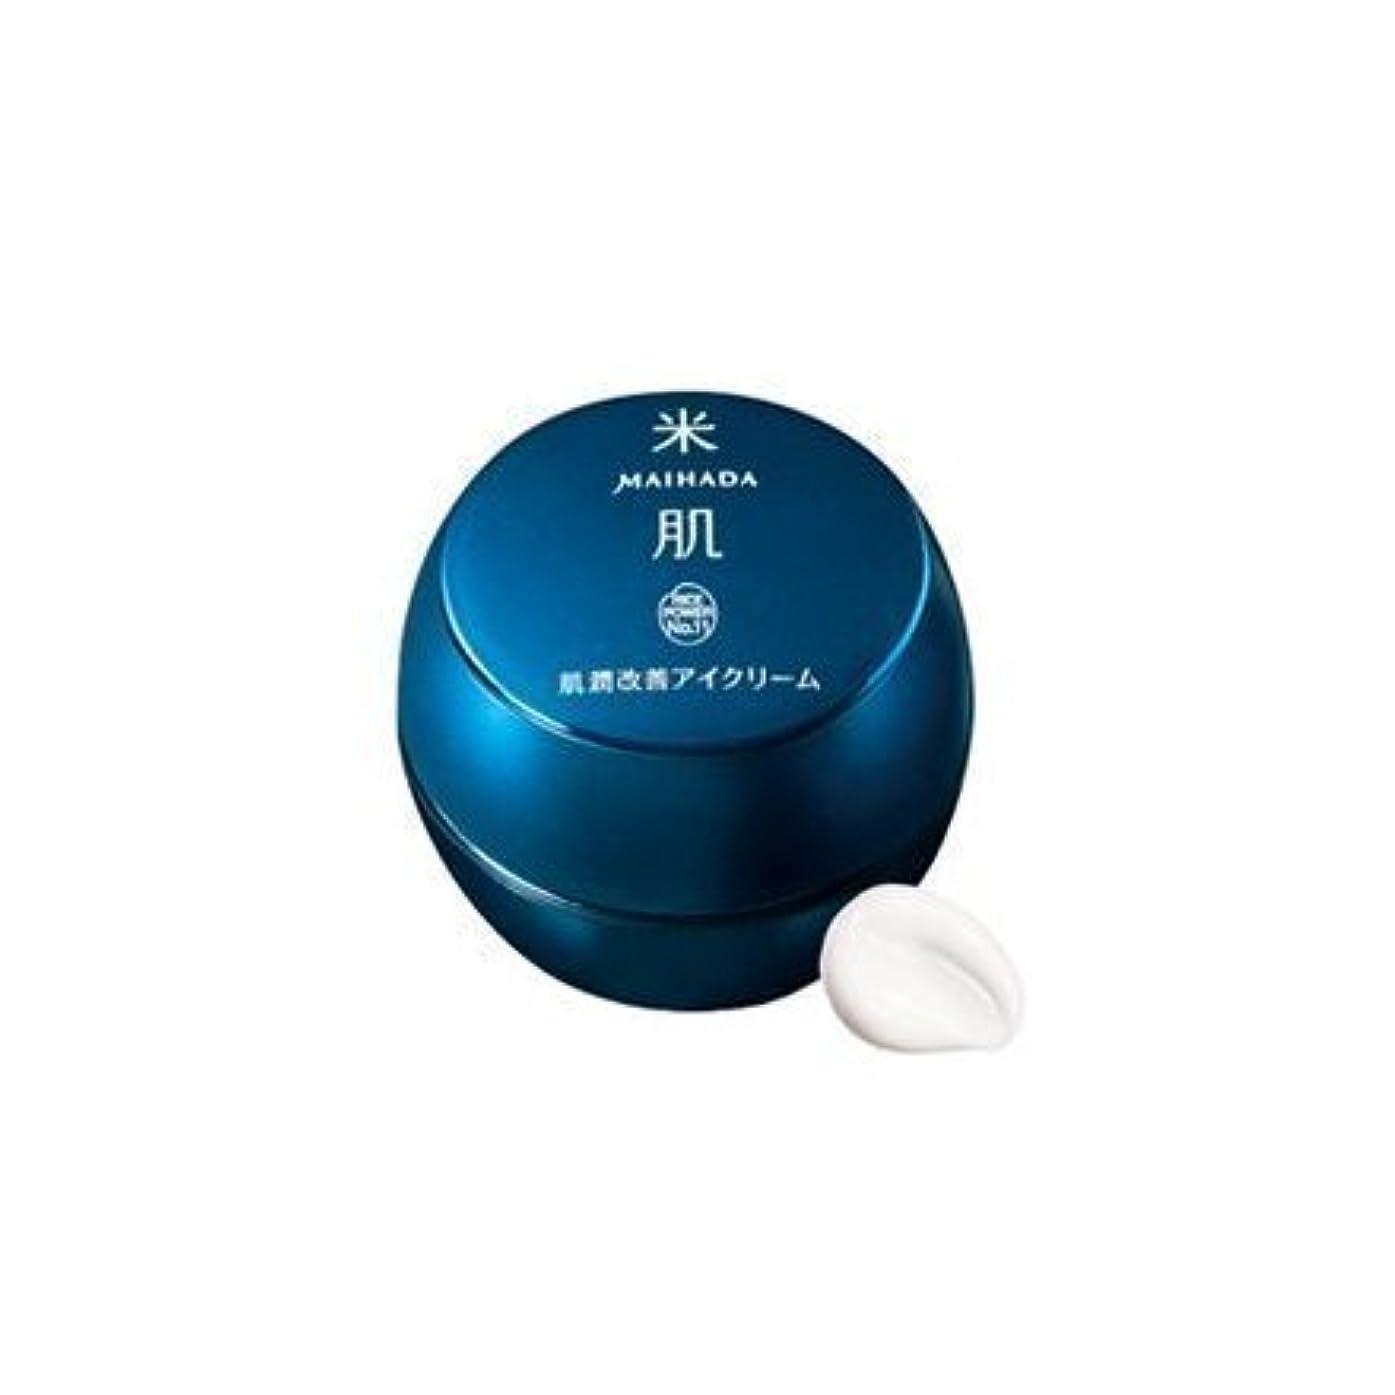 パリティドライルアー米肌(MAIHADA) 肌潤改善アイクリーム コーセー KOSE